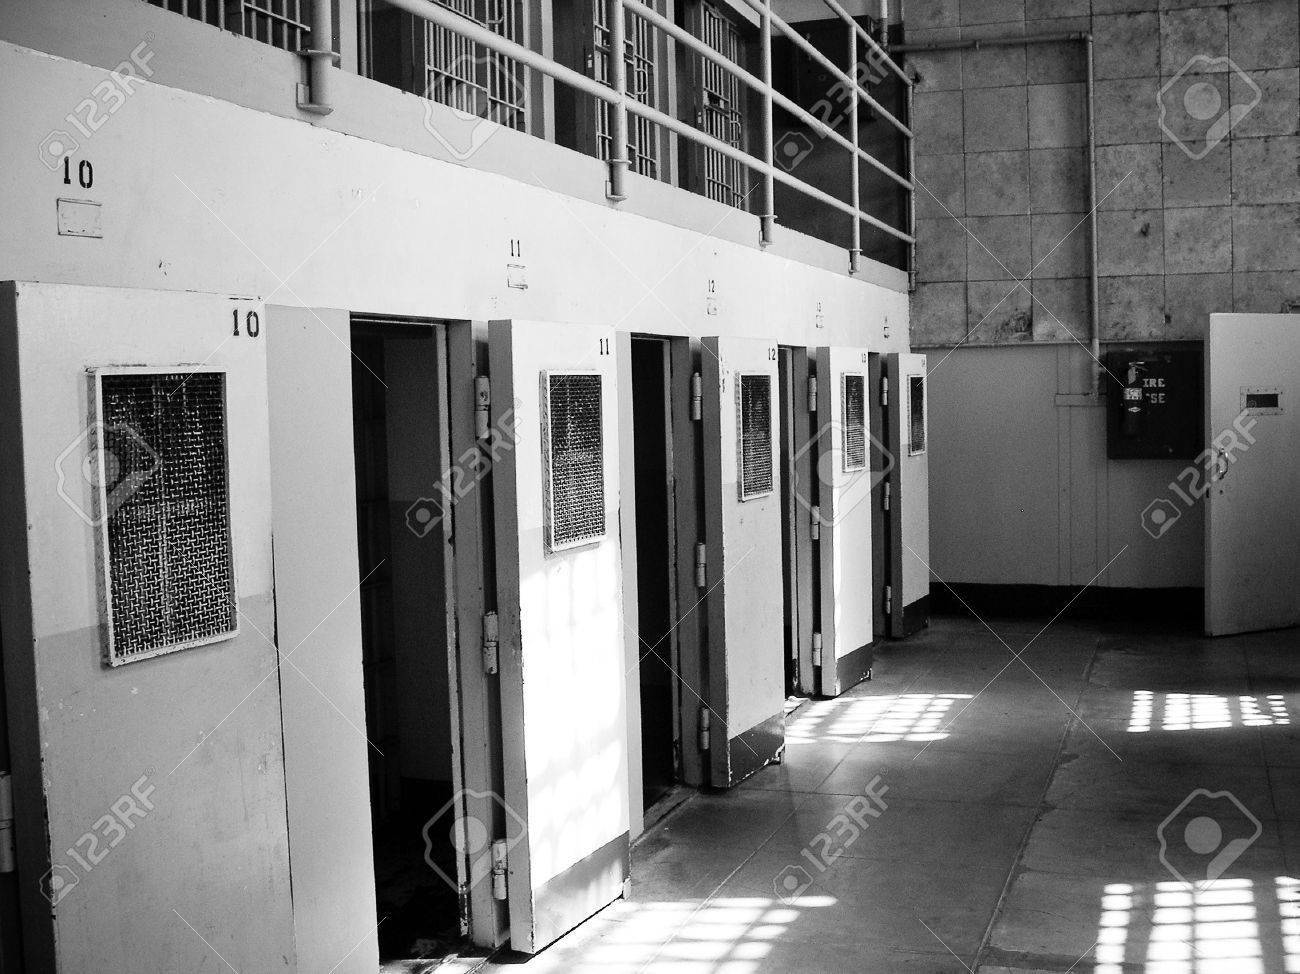 Alcatraz prison cells with open doors - 5095344